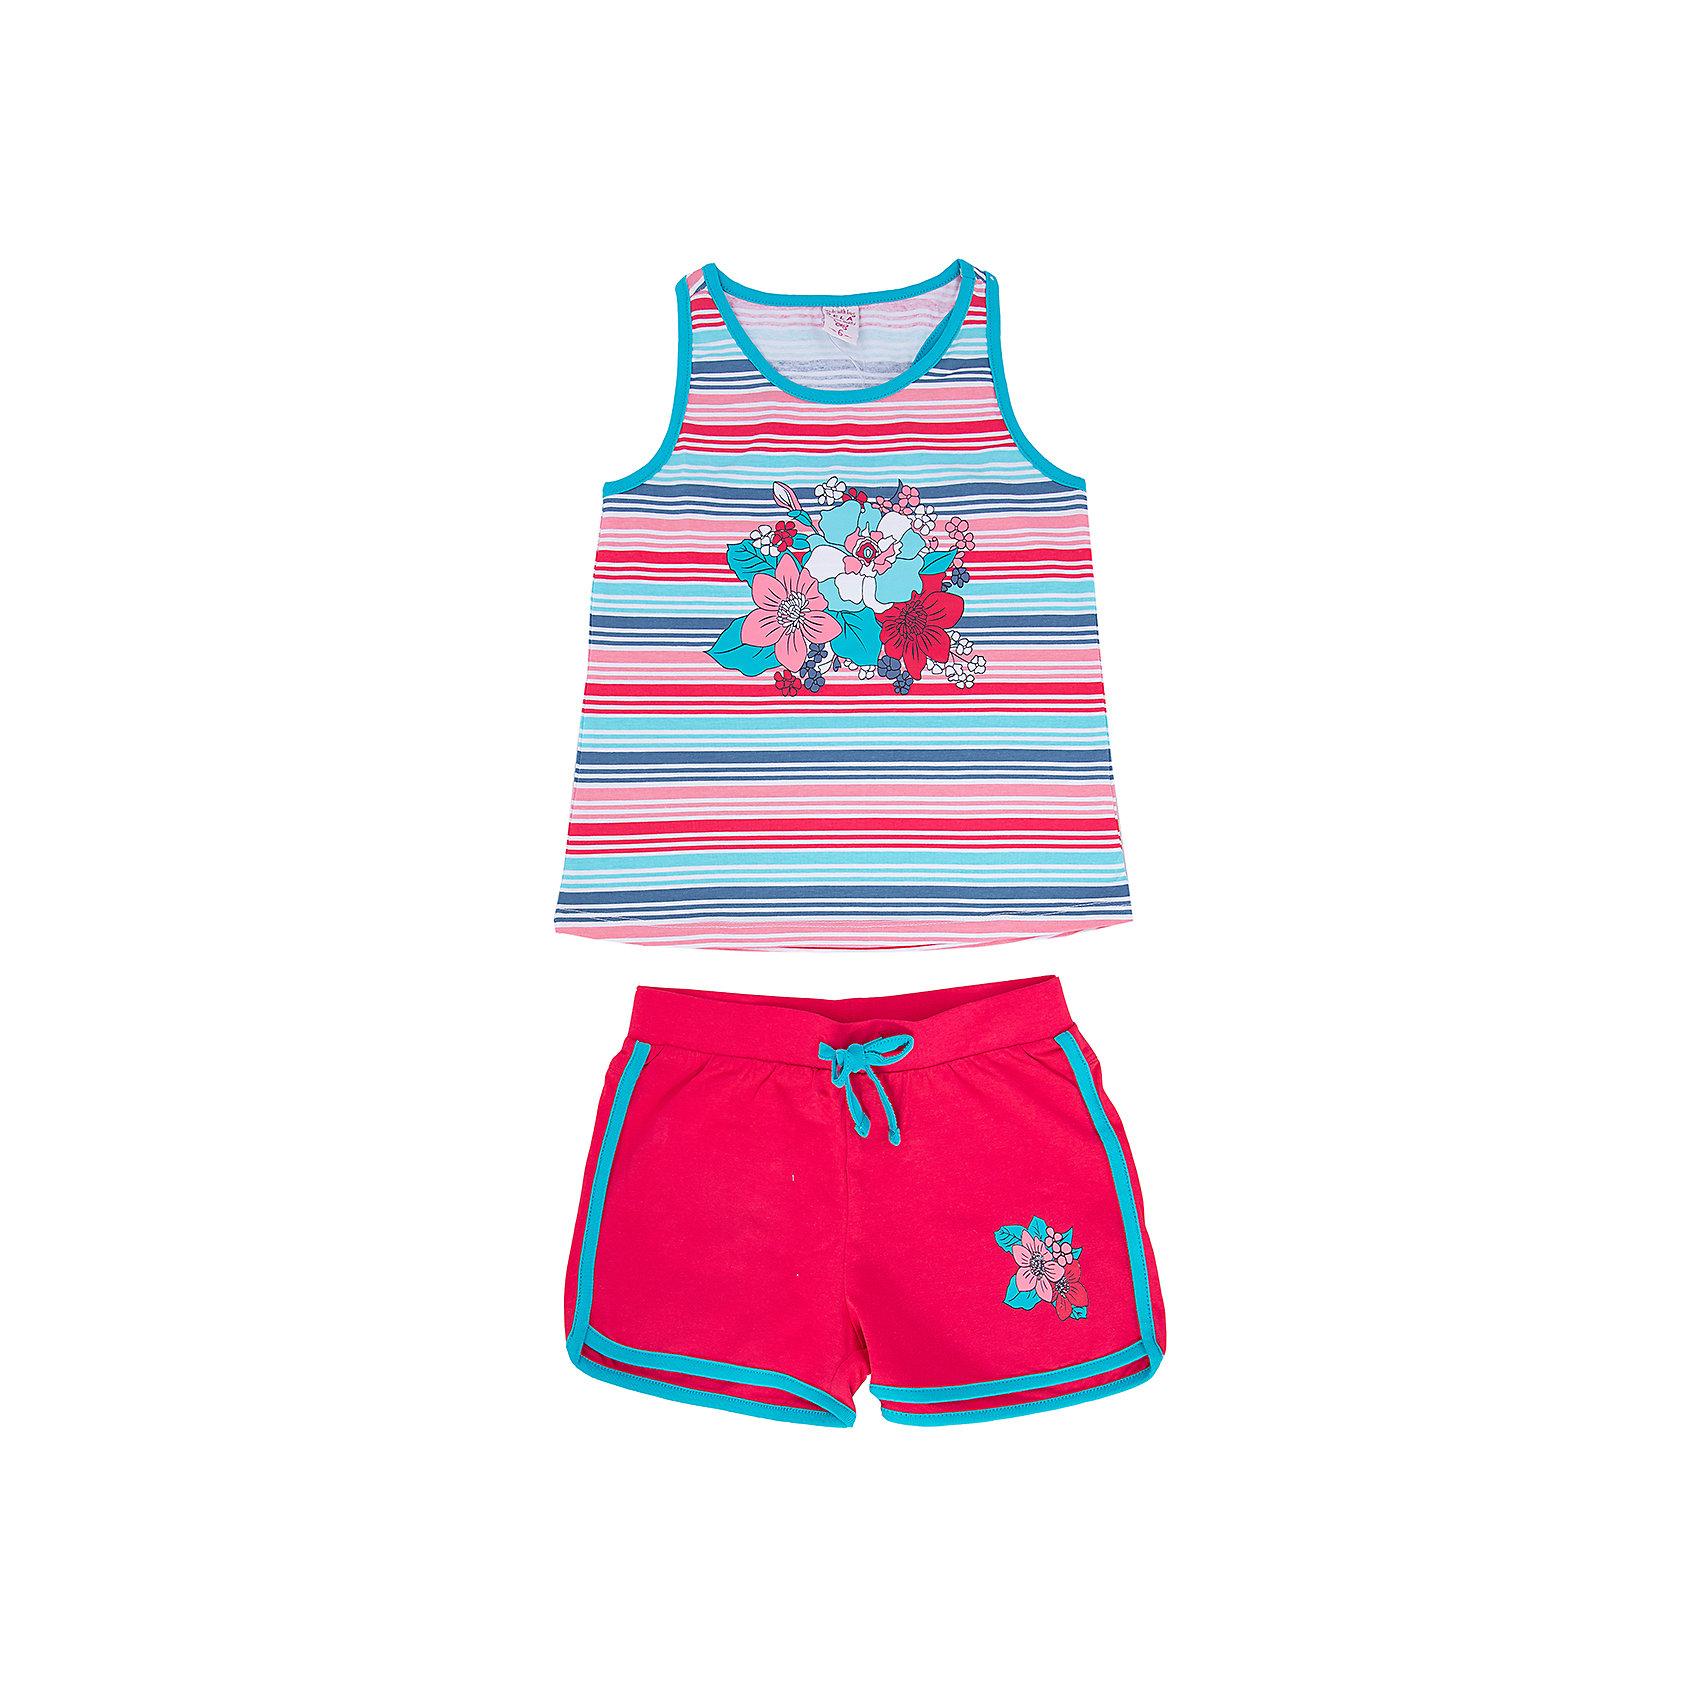 Комплект: майка и шорты для девочки SELAЯркий комплект для девочки от популярного бренда SELA непременно порадует Вашу модницу!  Майка и шортики, выполненные в единой цветовой гамме, создают активный летний образ. Прекрасный вариант для веселых и беззаботных приключений!<br><br>Дополнительная информация:<br>- комплект: майка и шорты;<br>-  майка-борцовка прилегающего фасона с очаровательным цветочным принтом на груди;<br>- короткие шортики насыщенного цвета на эластичном поясе с контрастной кулиской, лампасами и задними кармашками;<br>- цвет: красный + белый + голубой<br>- состав: 95% хлопок, 5% эластан<br><br>Комплект для девочки SELA (СЕЛА) можно купить в нашем магазине<br><br>Ширина мм: 215<br>Глубина мм: 88<br>Высота мм: 191<br>Вес г: 336<br>Цвет: красный<br>Возраст от месяцев: 60<br>Возраст до месяцев: 72<br>Пол: Женский<br>Возраст: Детский<br>Размер: 92,116,110,104,98<br>SKU: 4741515